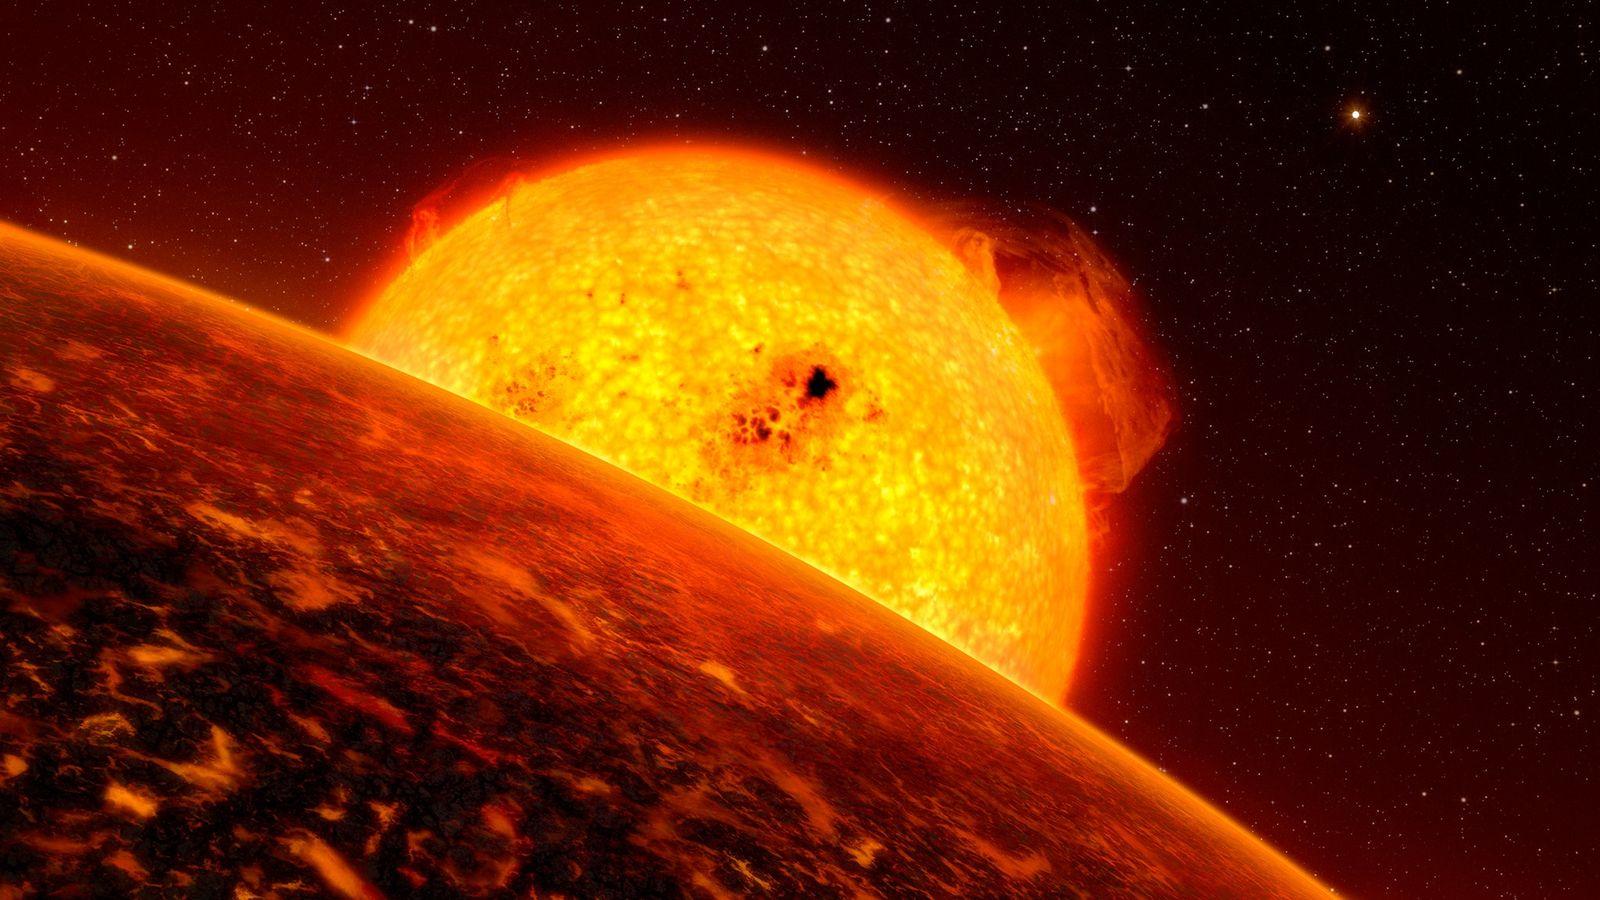 Un exoplaneta orbita su estrella